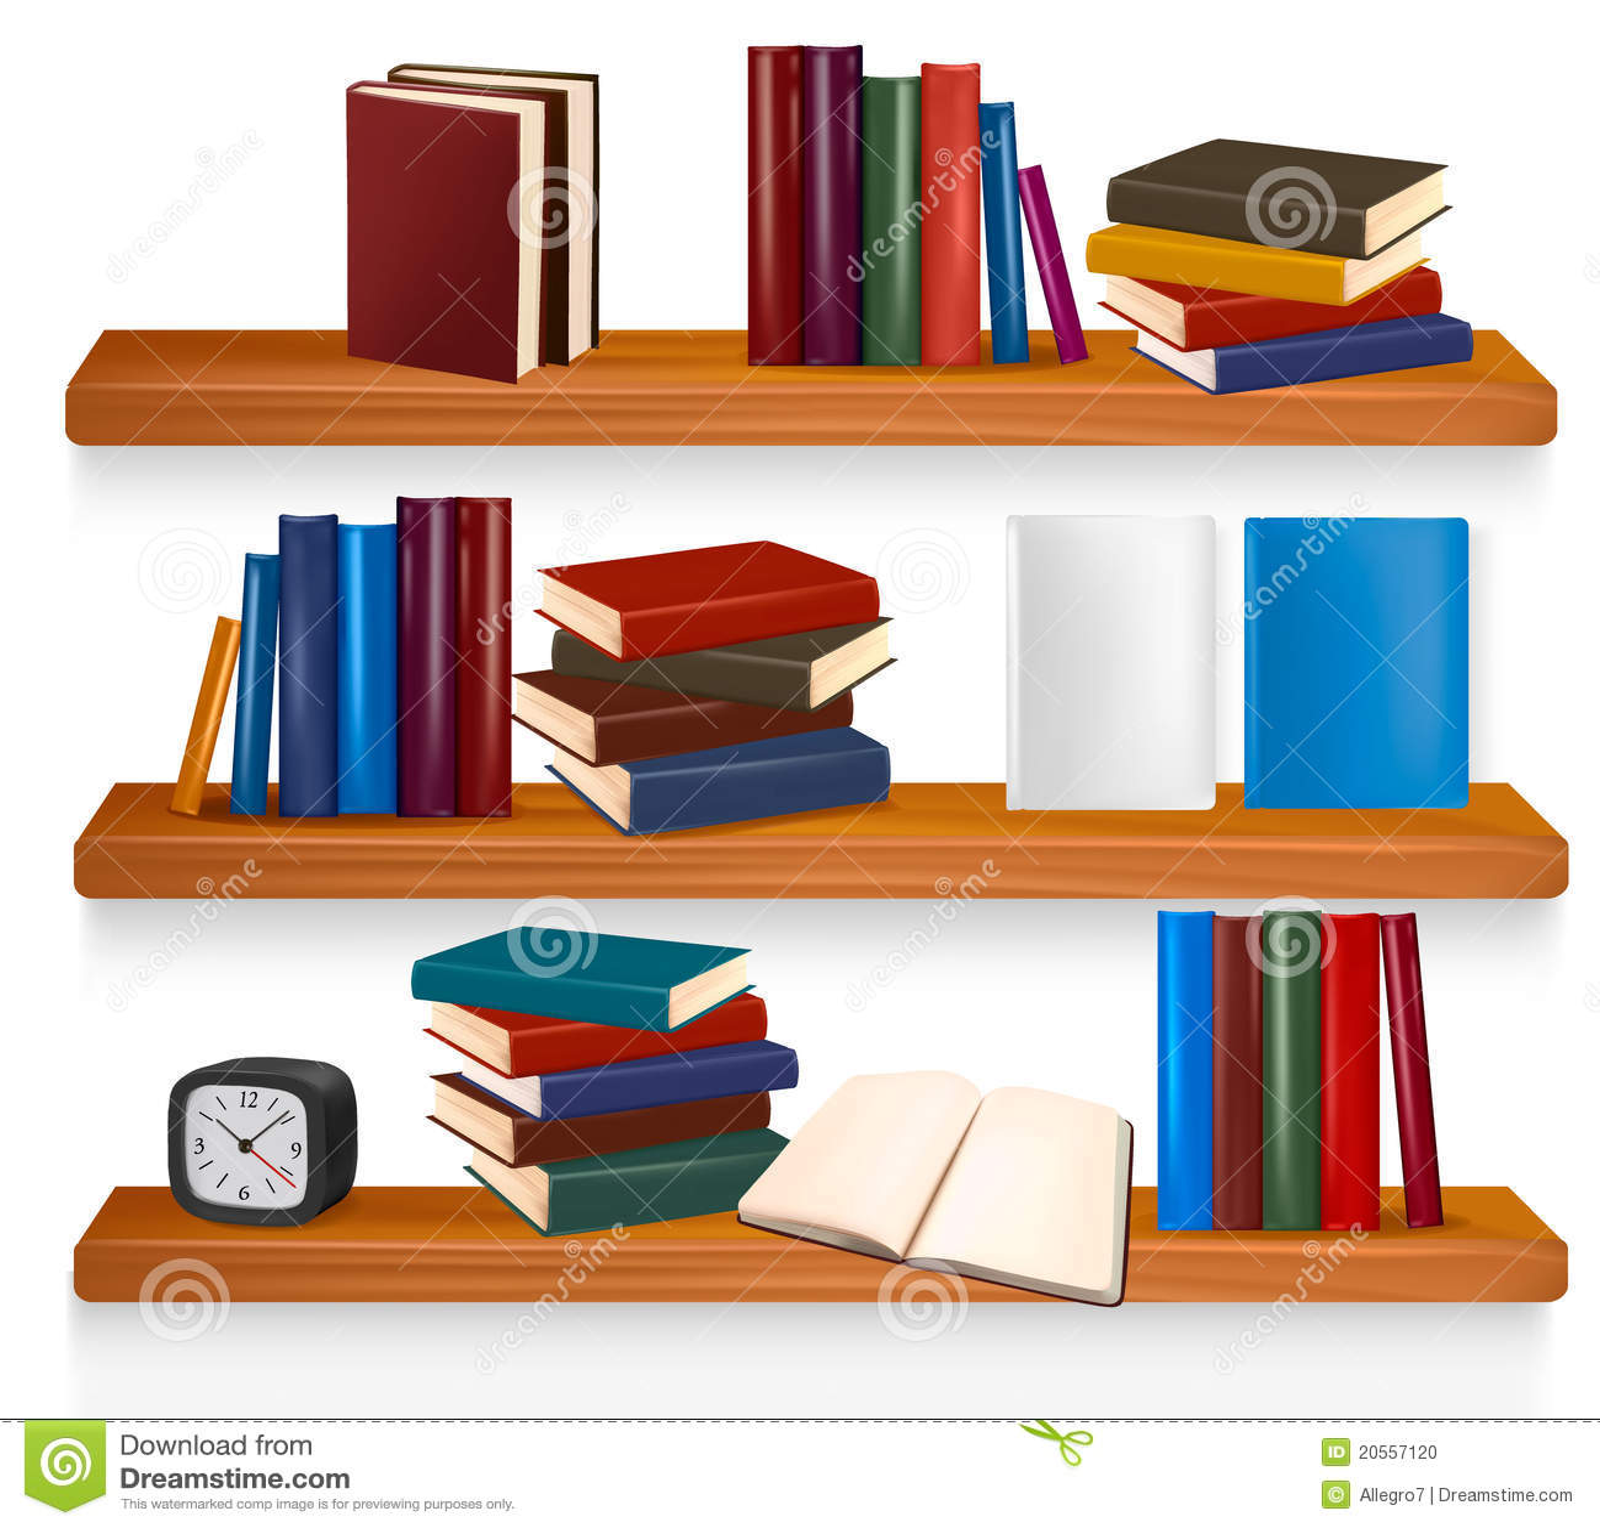 Boekenrek met boeken. Vector